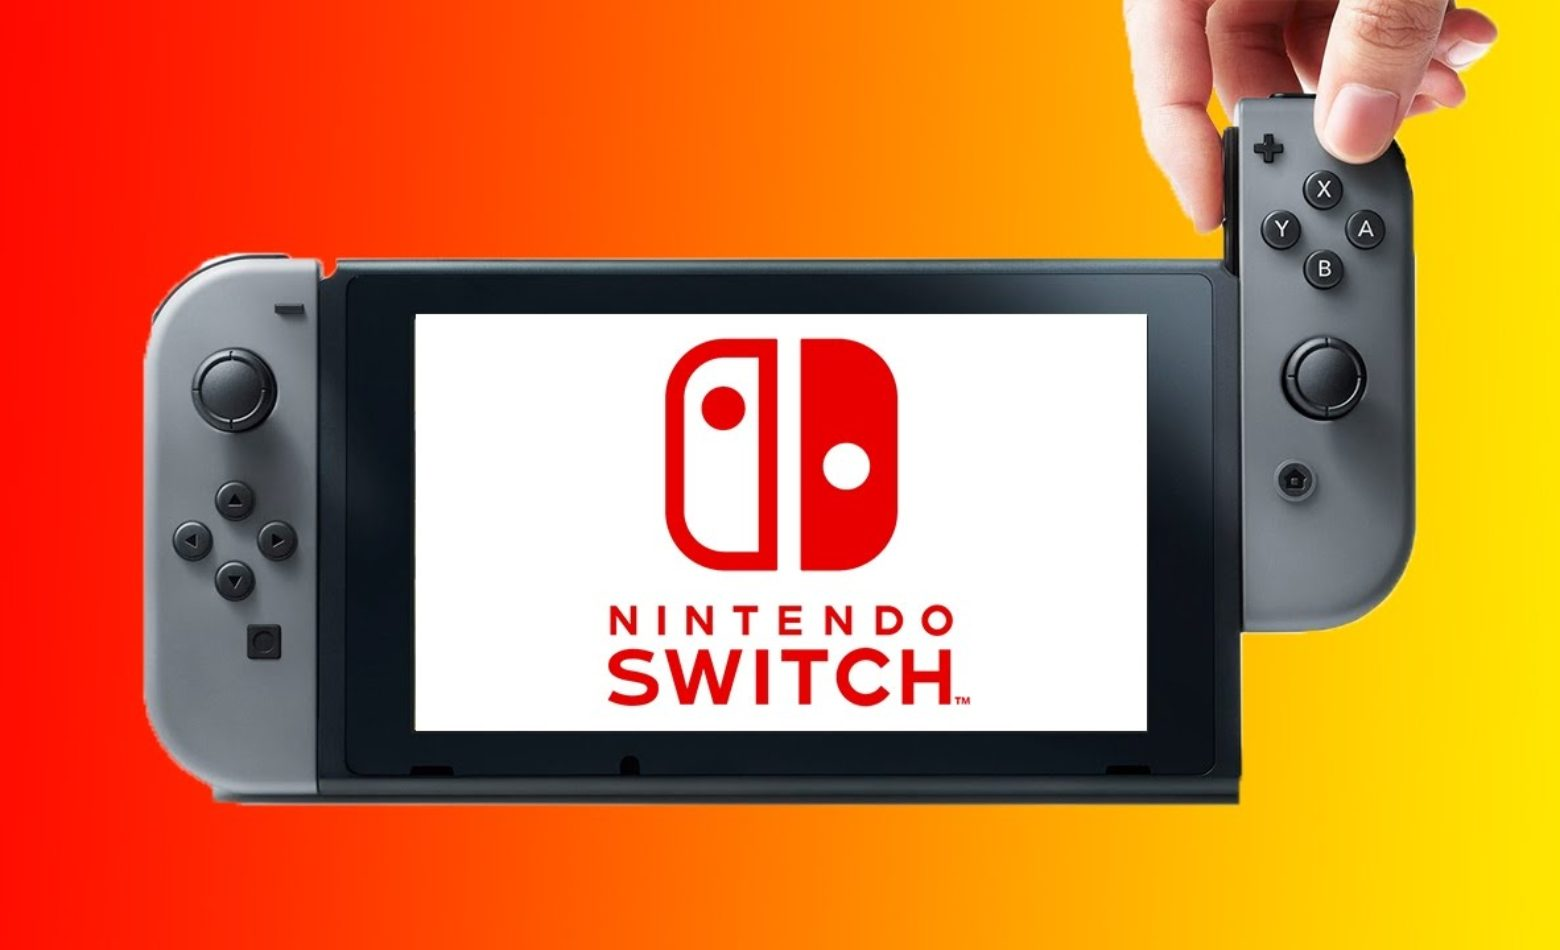 PROMOÇÃO: ganhe um Nintendo Switch do NGP!